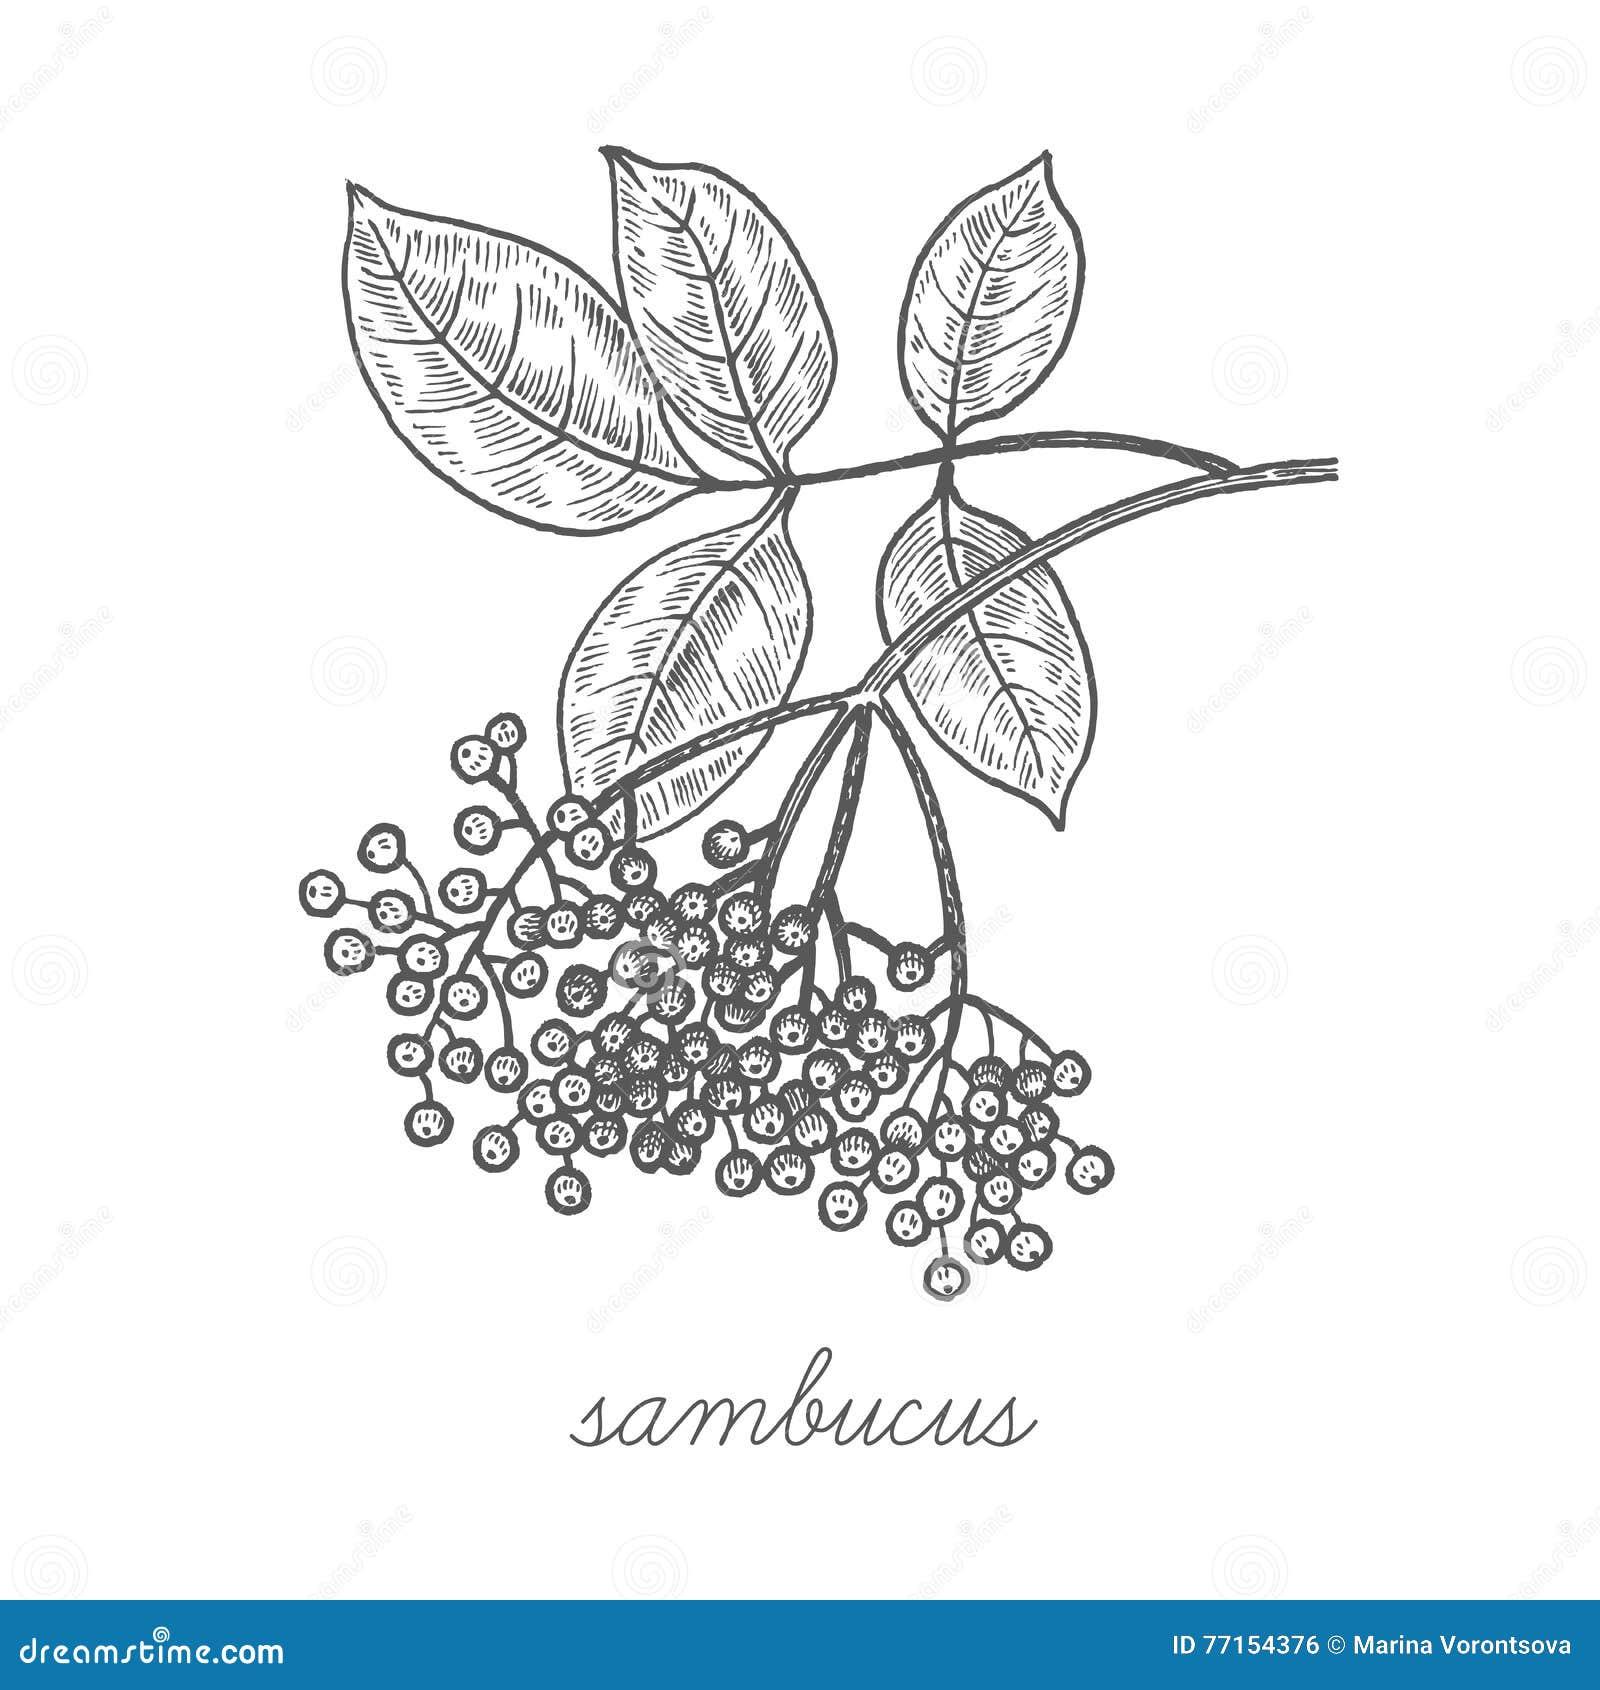 Image de vecteur des plantes médicinales